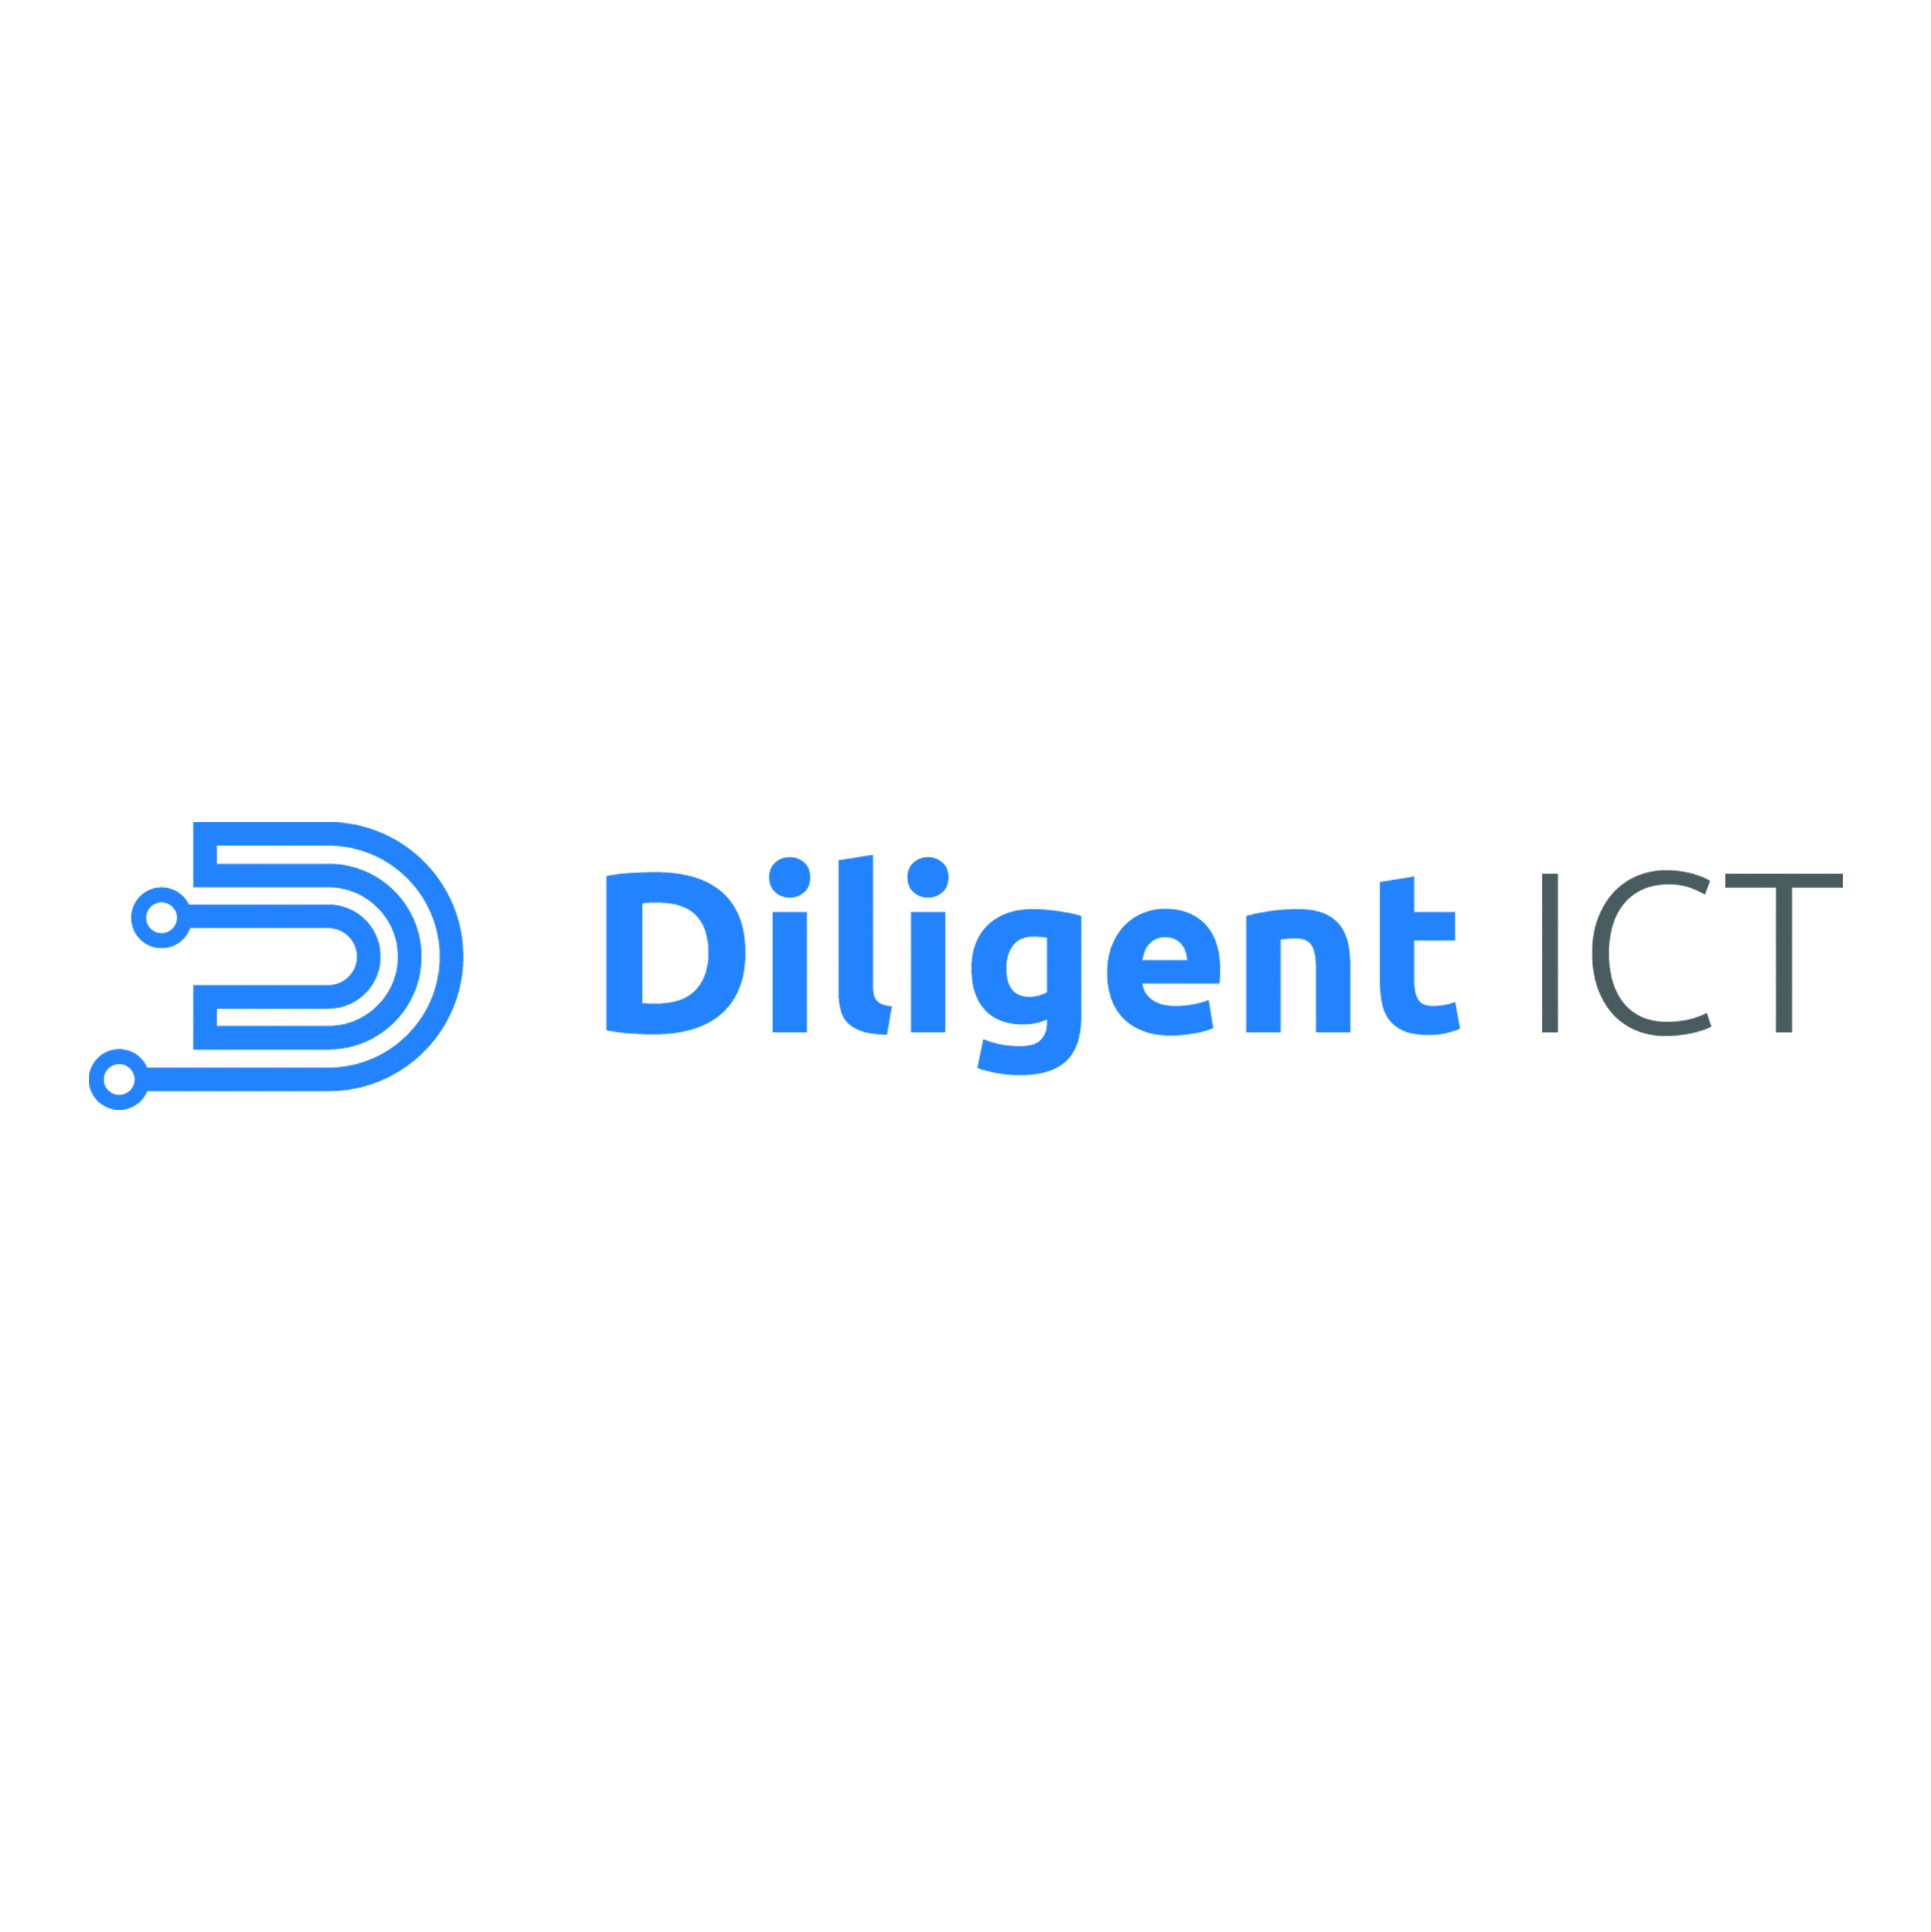 DiligentICT